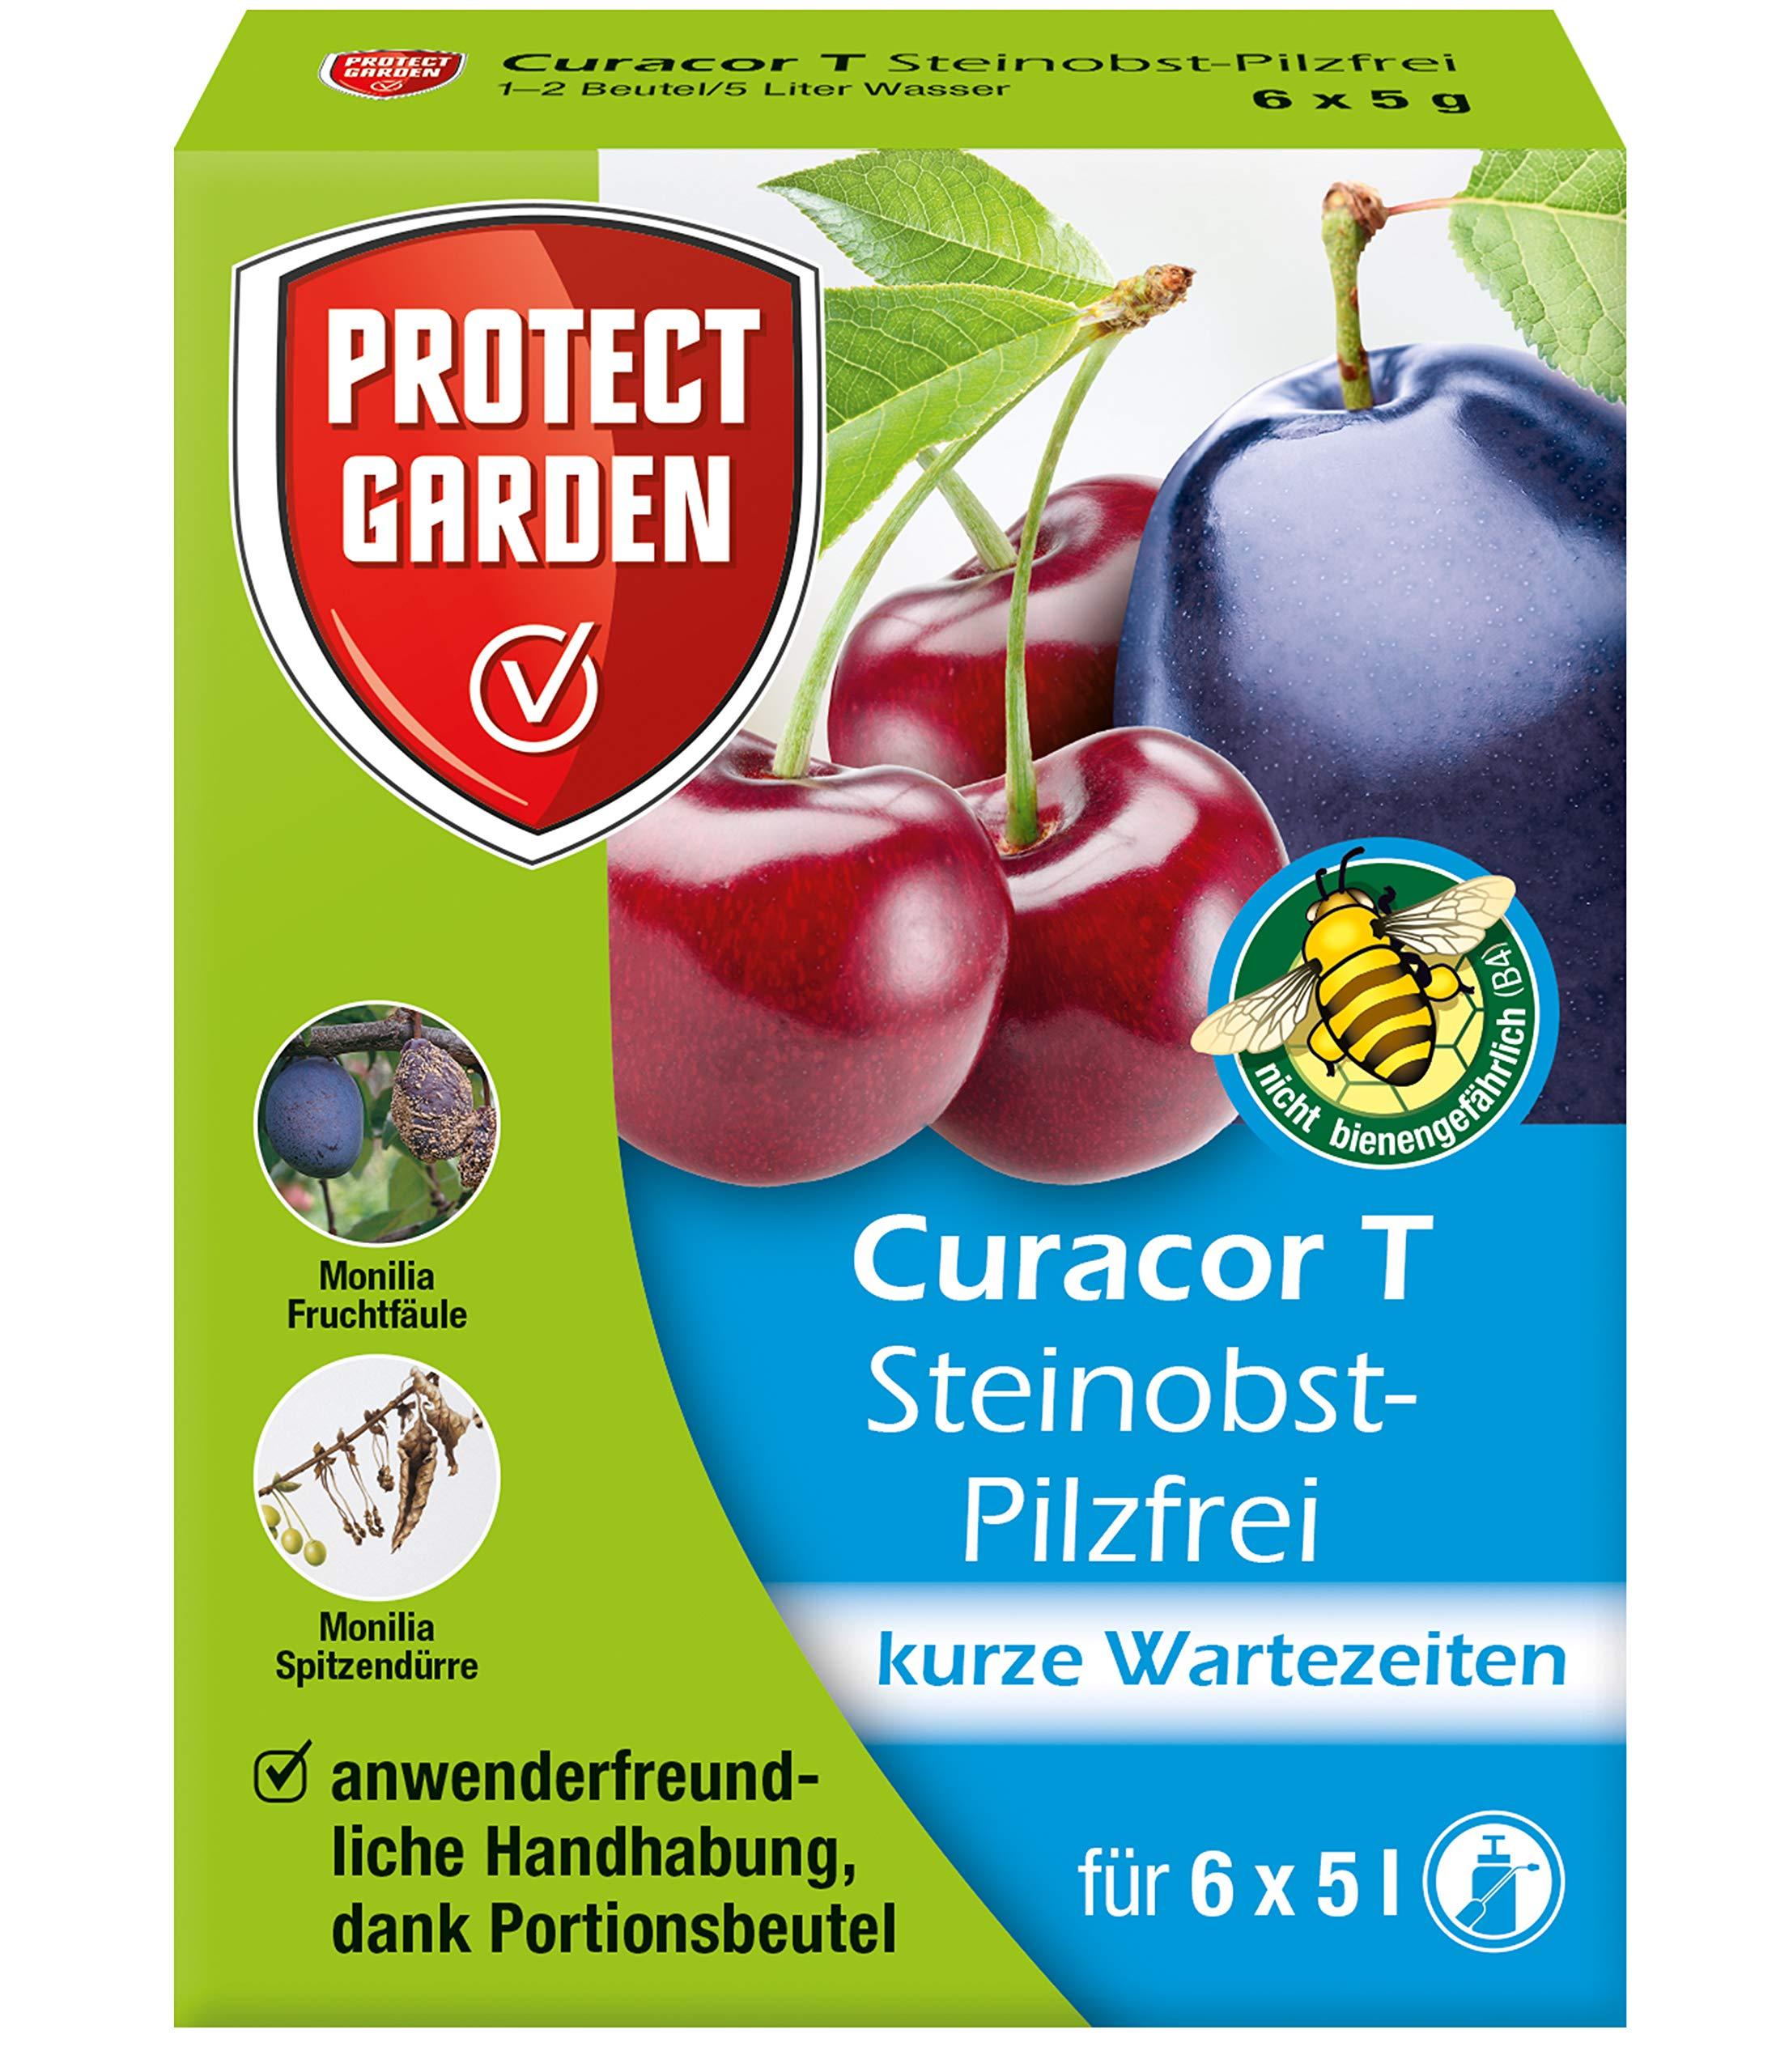 PROTECT GARDEN Curacor T Steinobst-Pilzfrei (ehem. Bayer Garten Baycor T), Pilzbekämpfung an Steinobst, 30 g product image